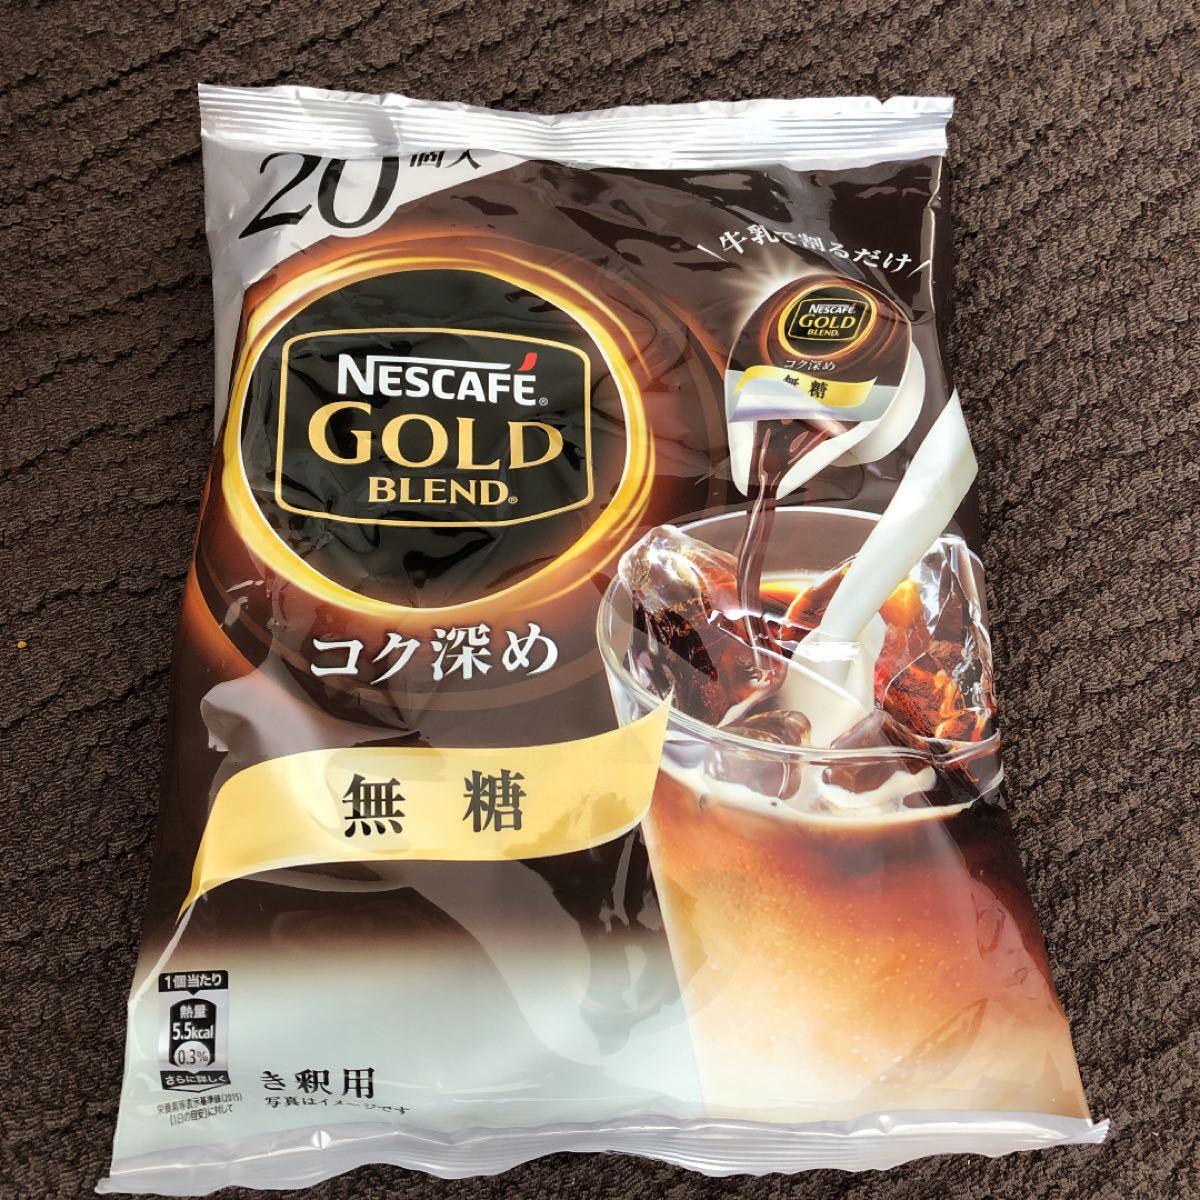 20個×10袋 ネスカフェ ゴールドブレンド ポーション 無糖 コク深め インスタントコーヒー アイスコーヒー 希釈 リキッド